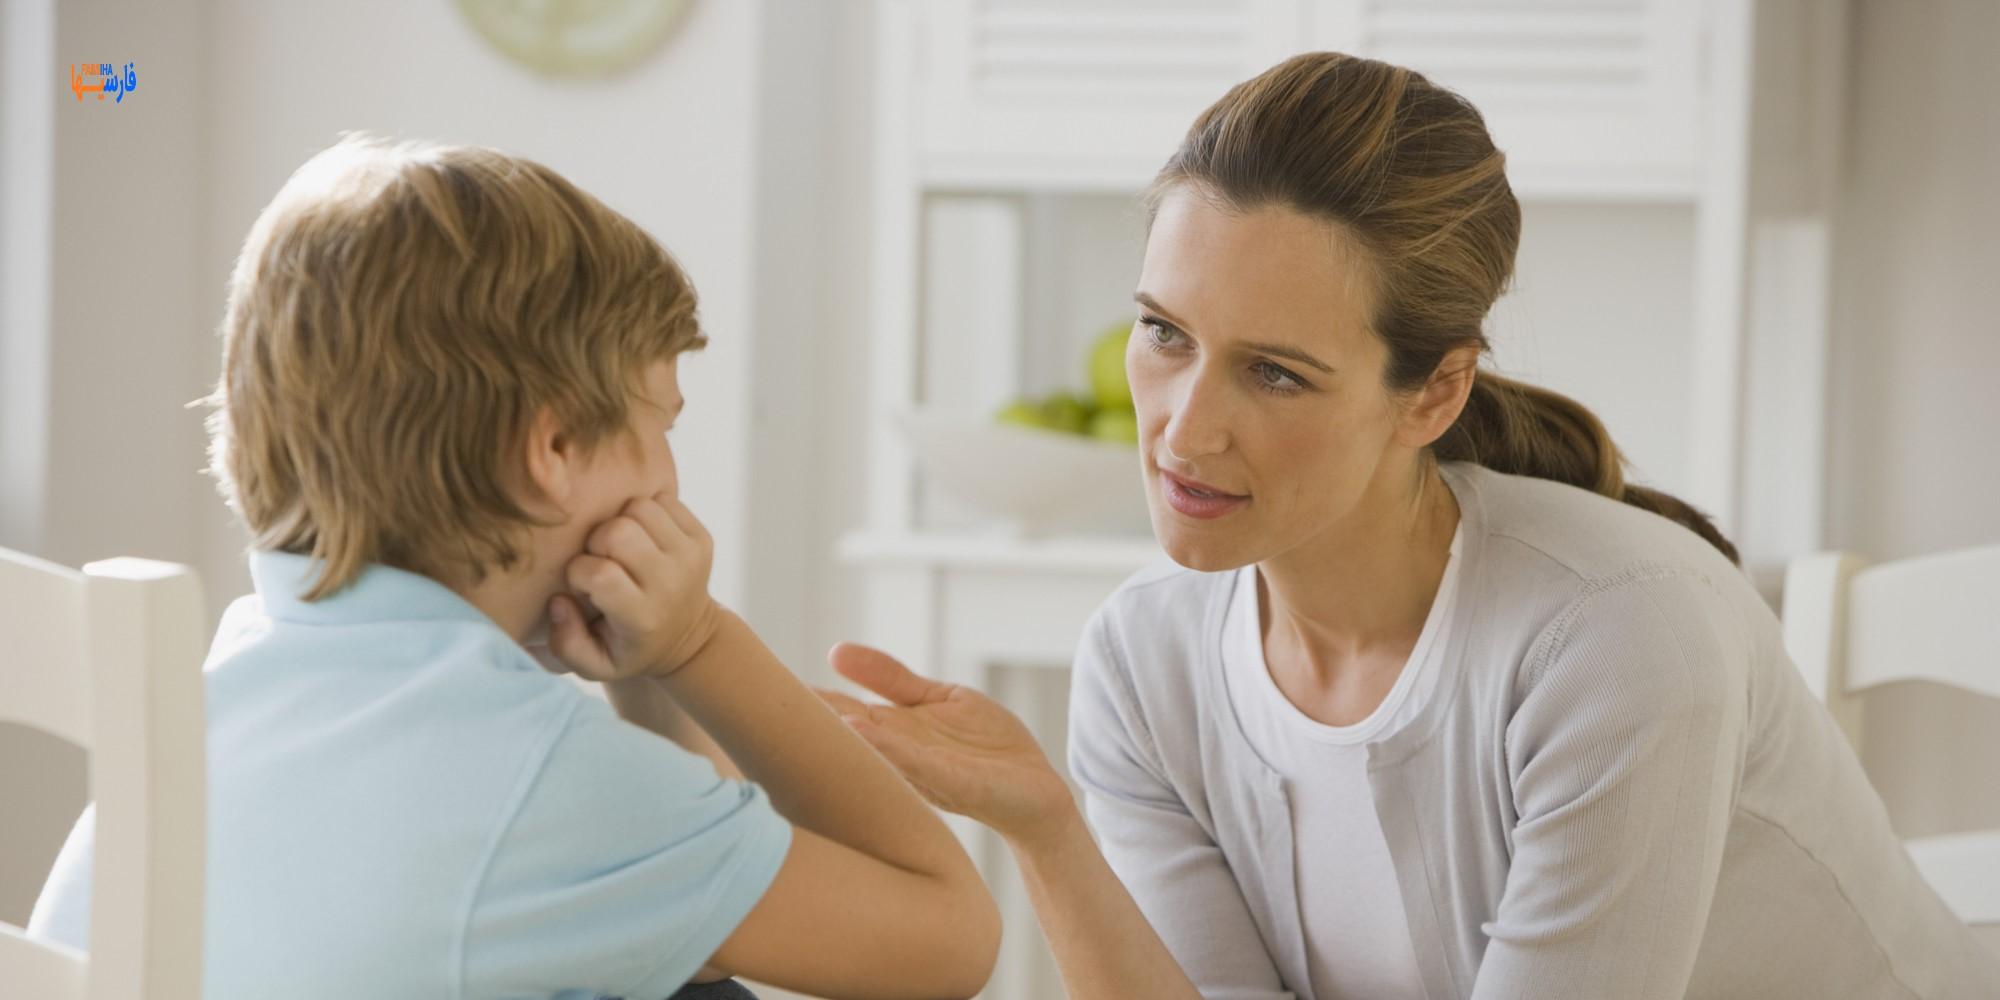 صحبت با کودکان در مورد ویروس